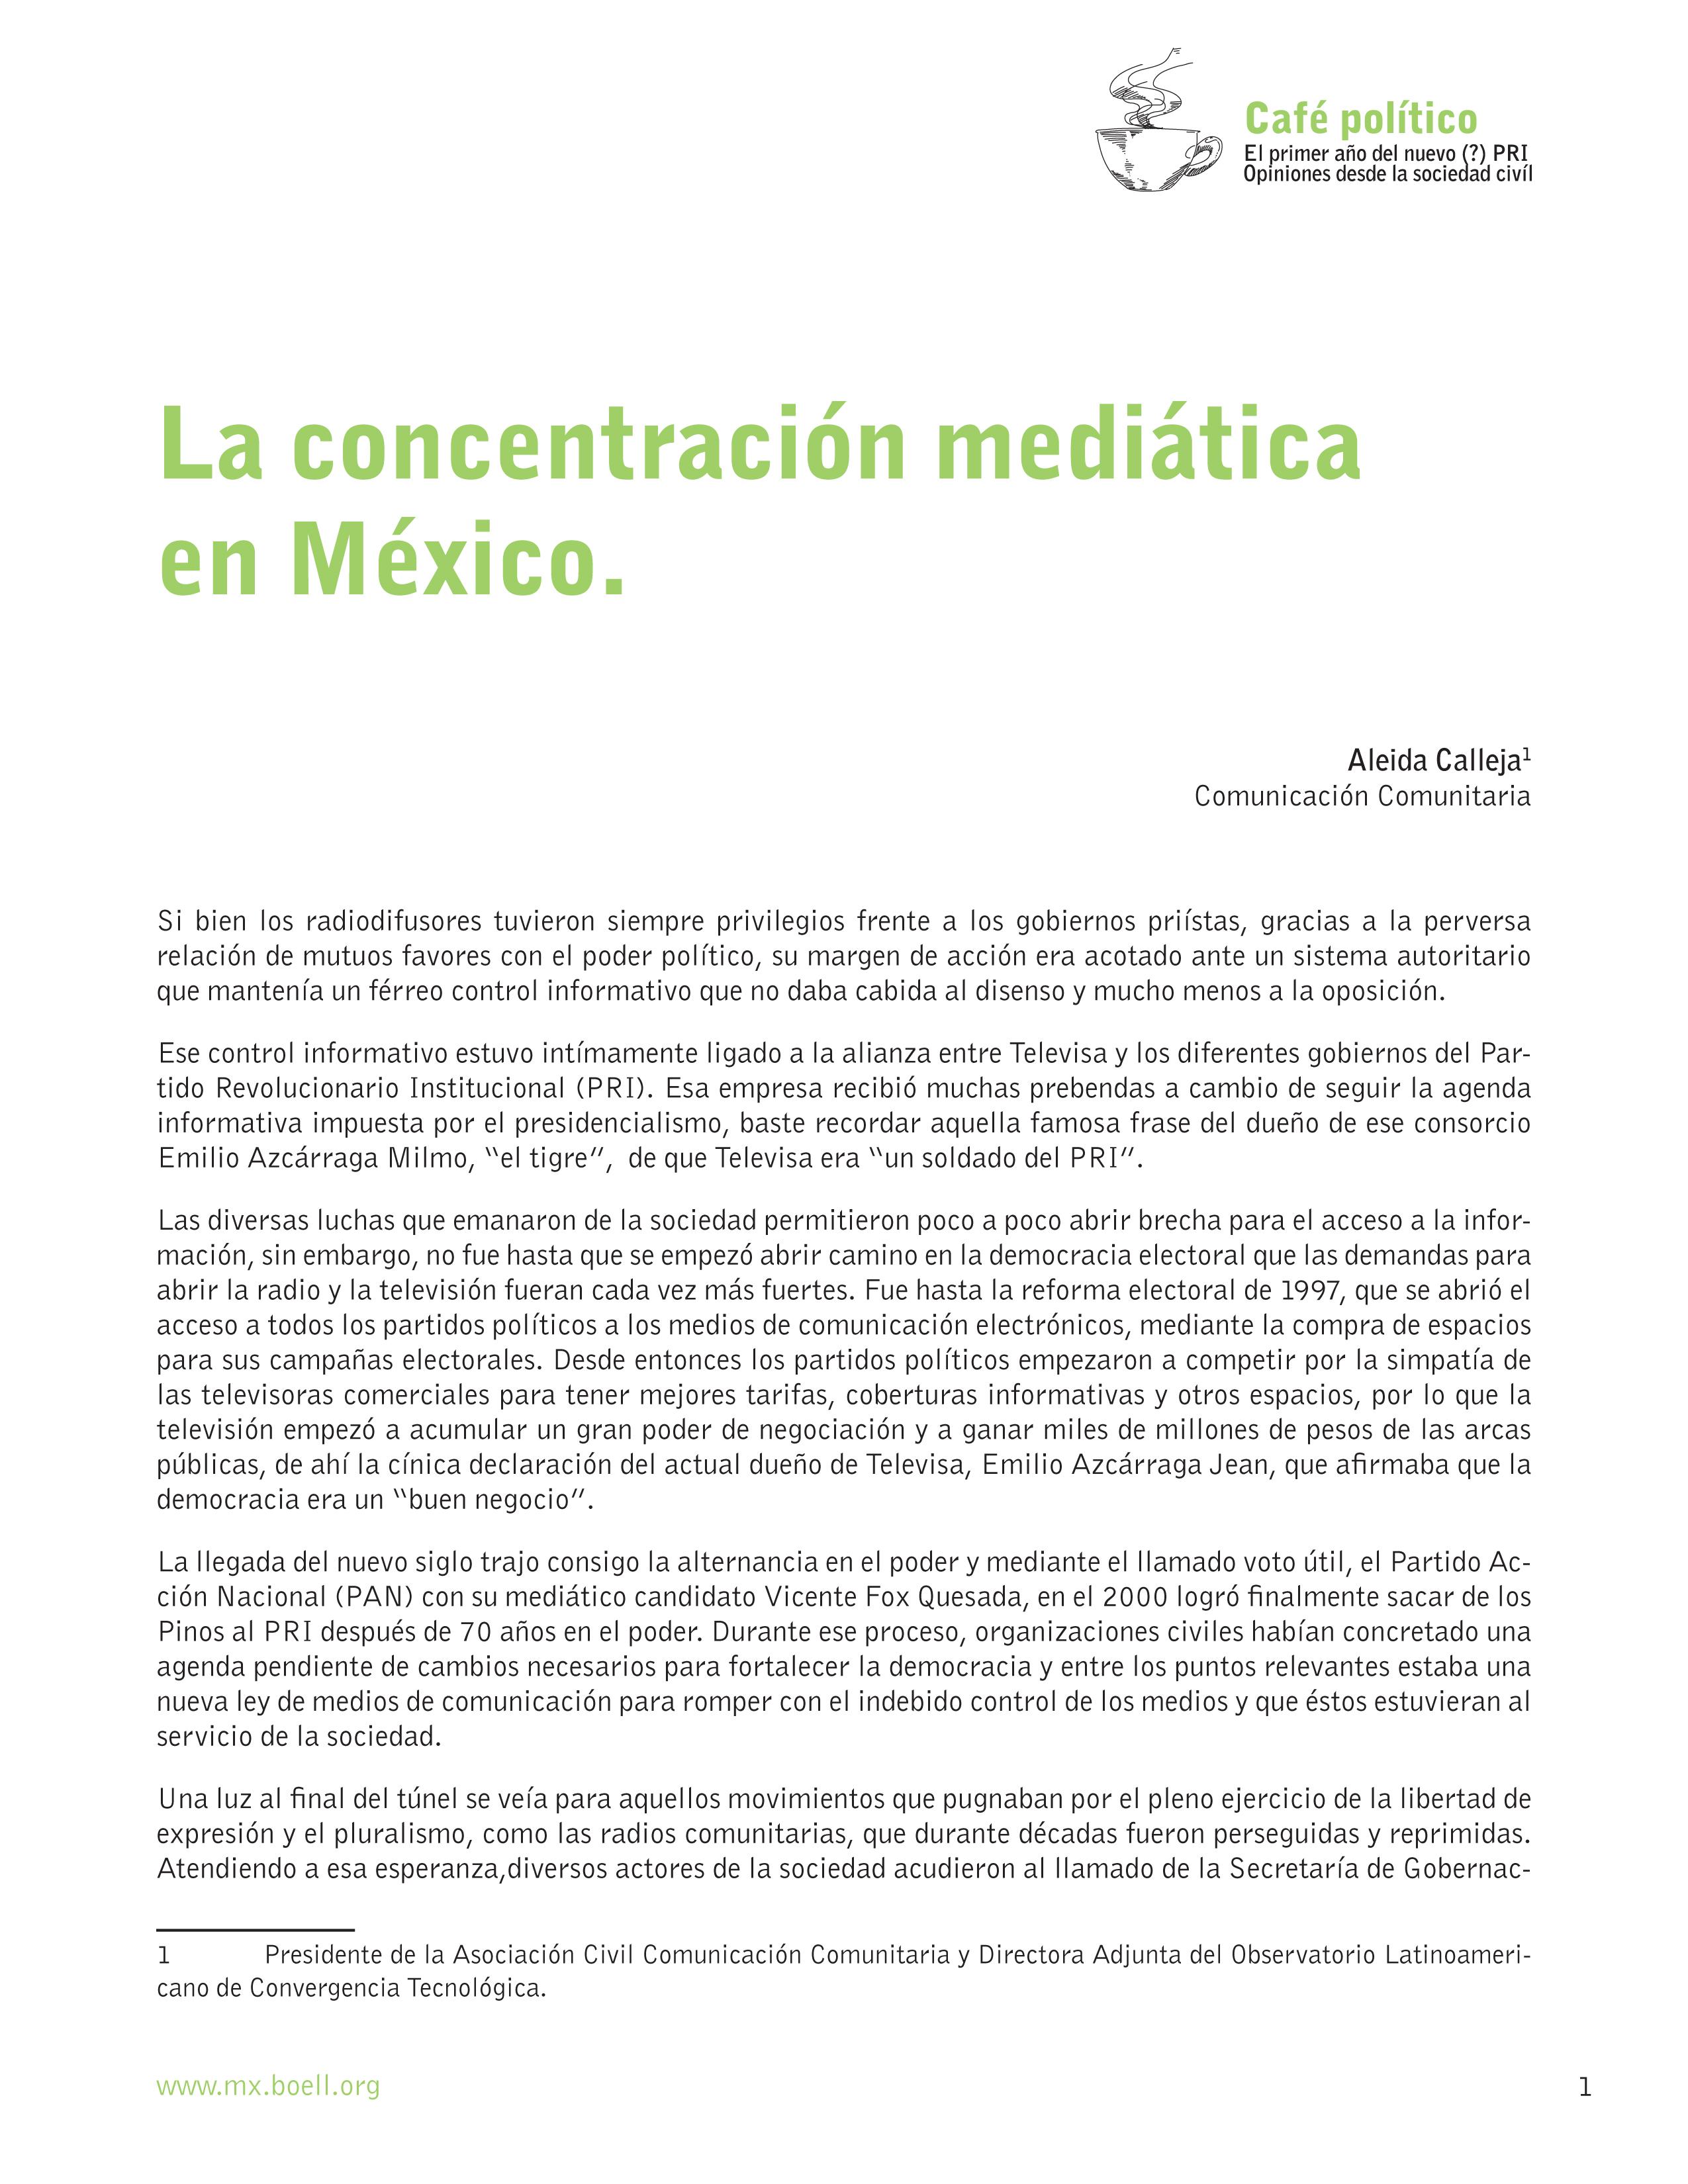 La concentración mediática en México | Heinrich-Böll